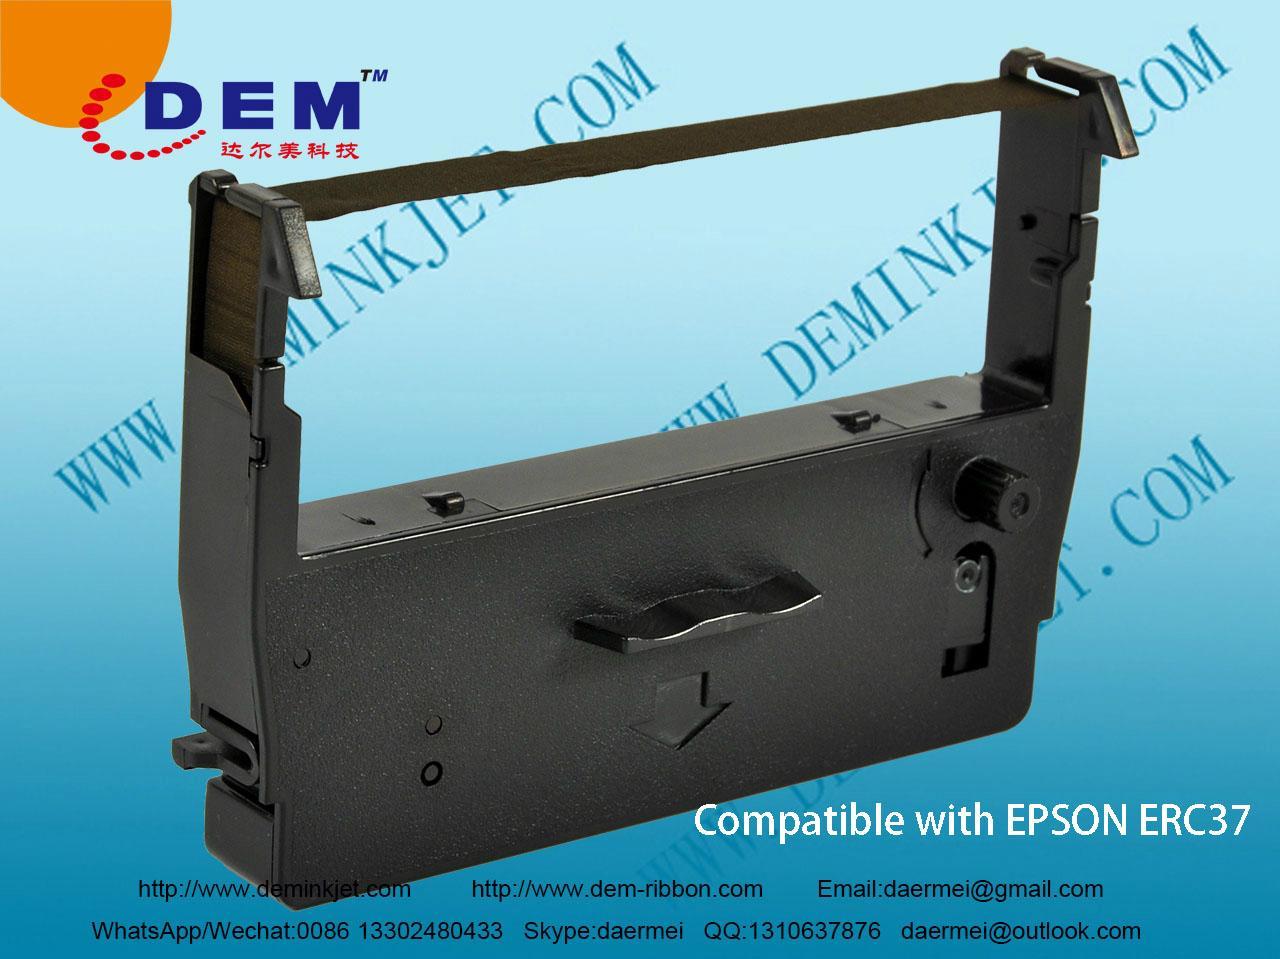 EPSON ERC-37,ERC37, FUJITSU G-930 POS RIBBON